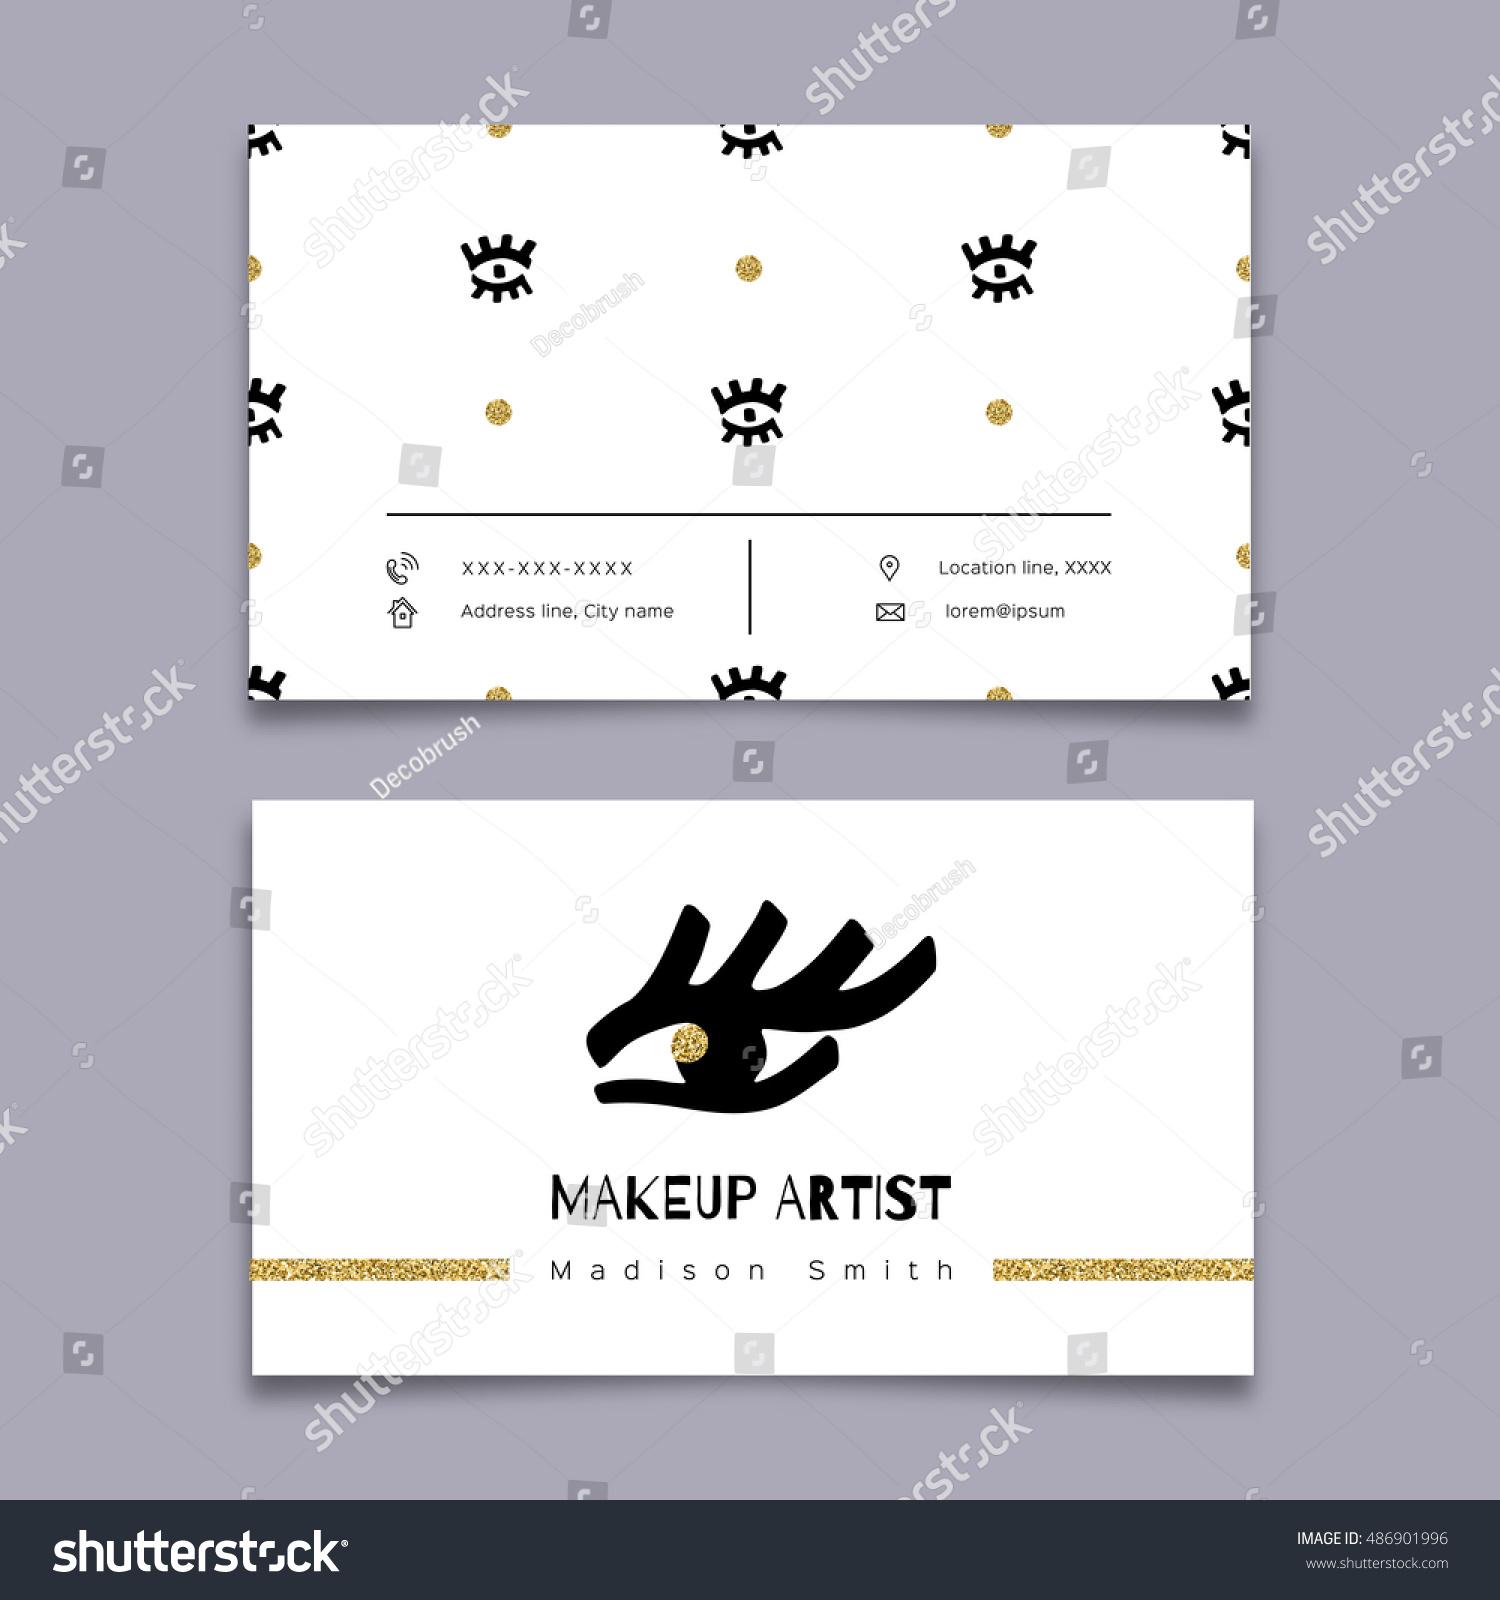 Makeup Artist Business Card Modern Hipster Stock Vector